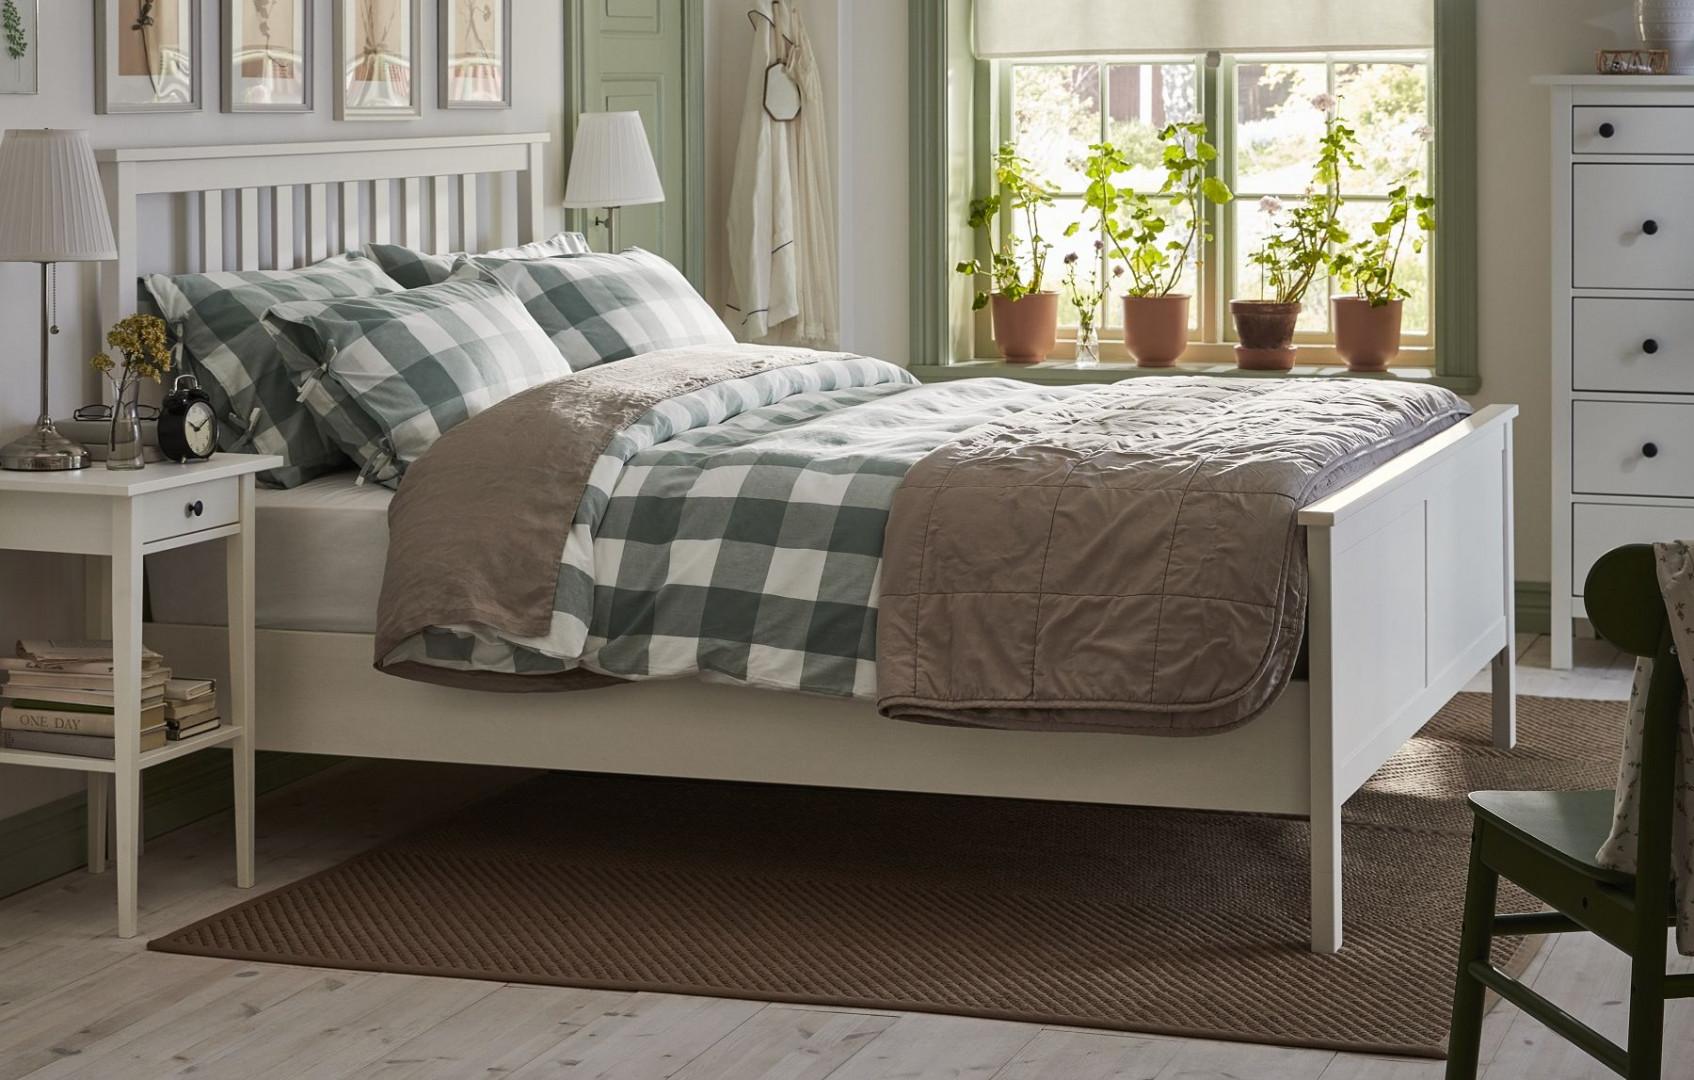 Łóżko firmy IKEA. Fot. IKEA